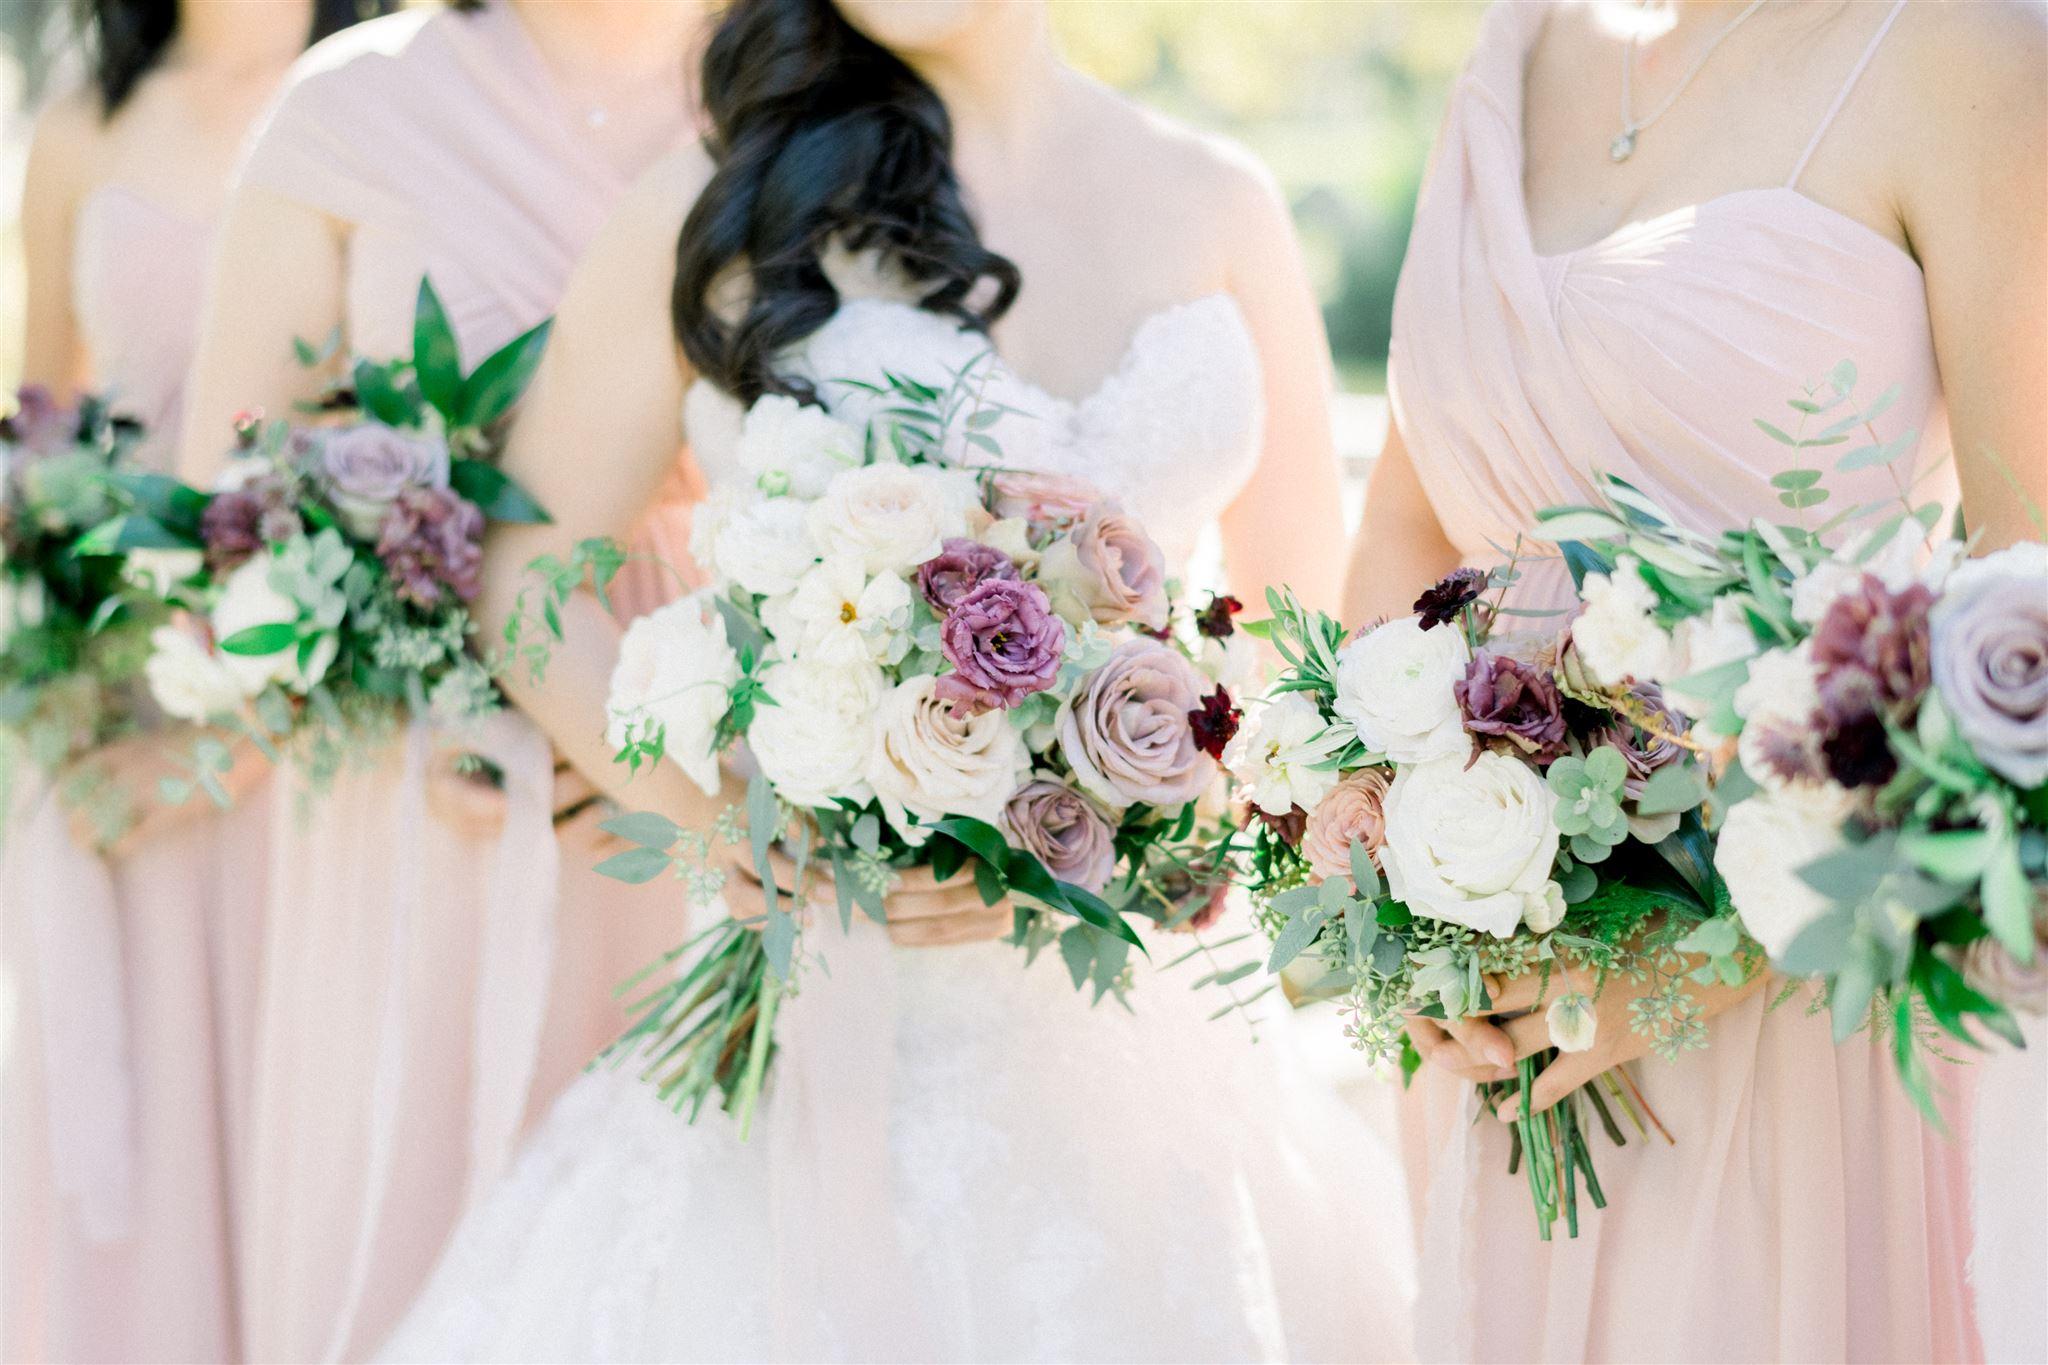 margaretandjames-wedding-293_websize.jpg